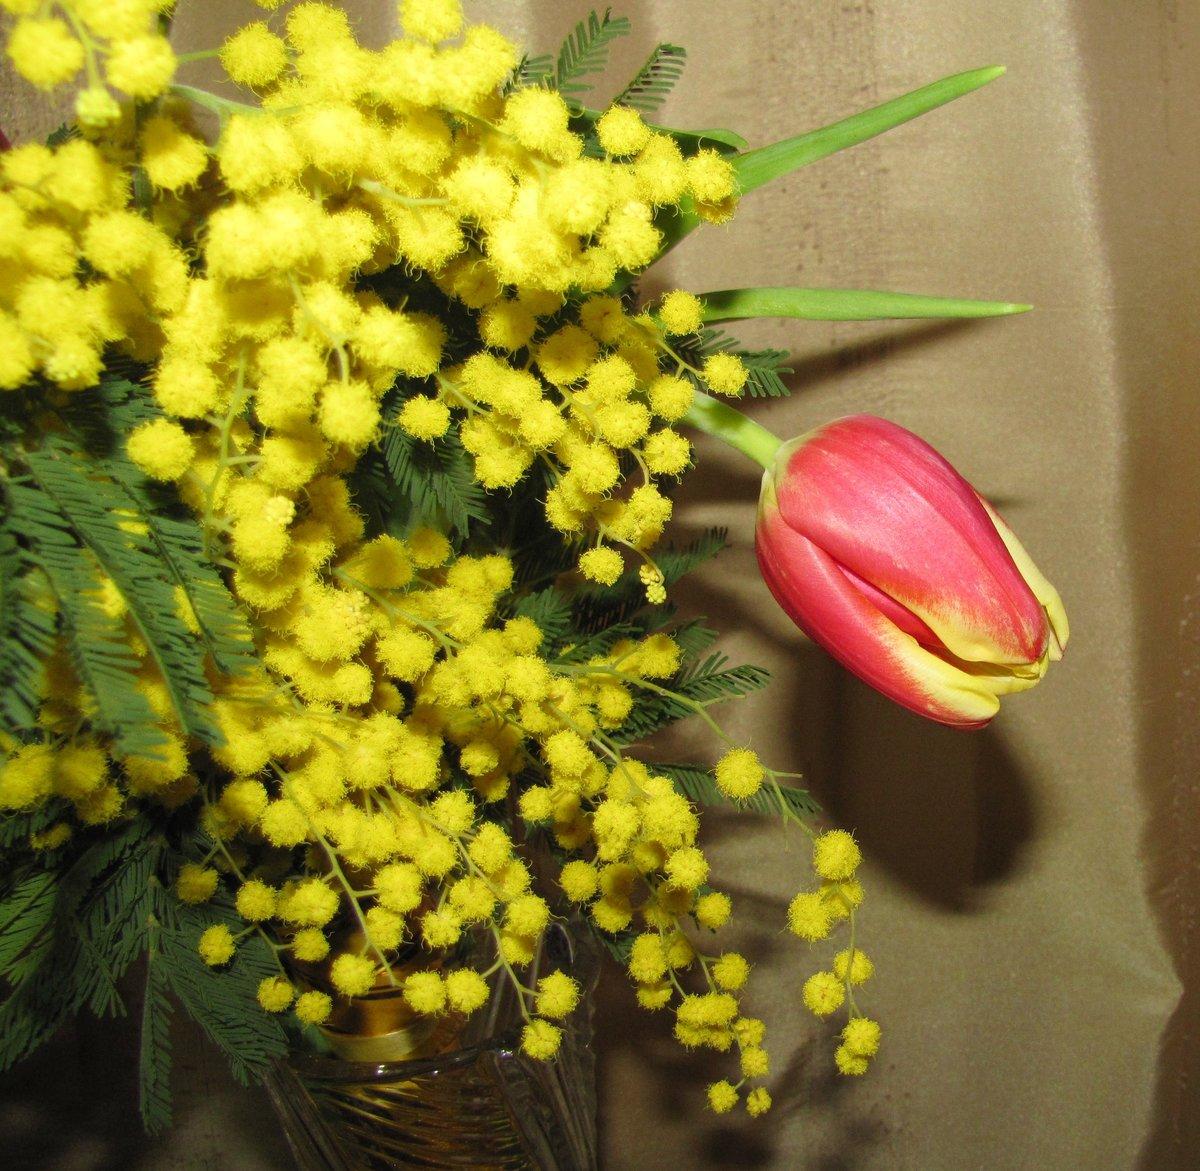 угольном картинки цветы мимоза и тюльпаны эти немецкие